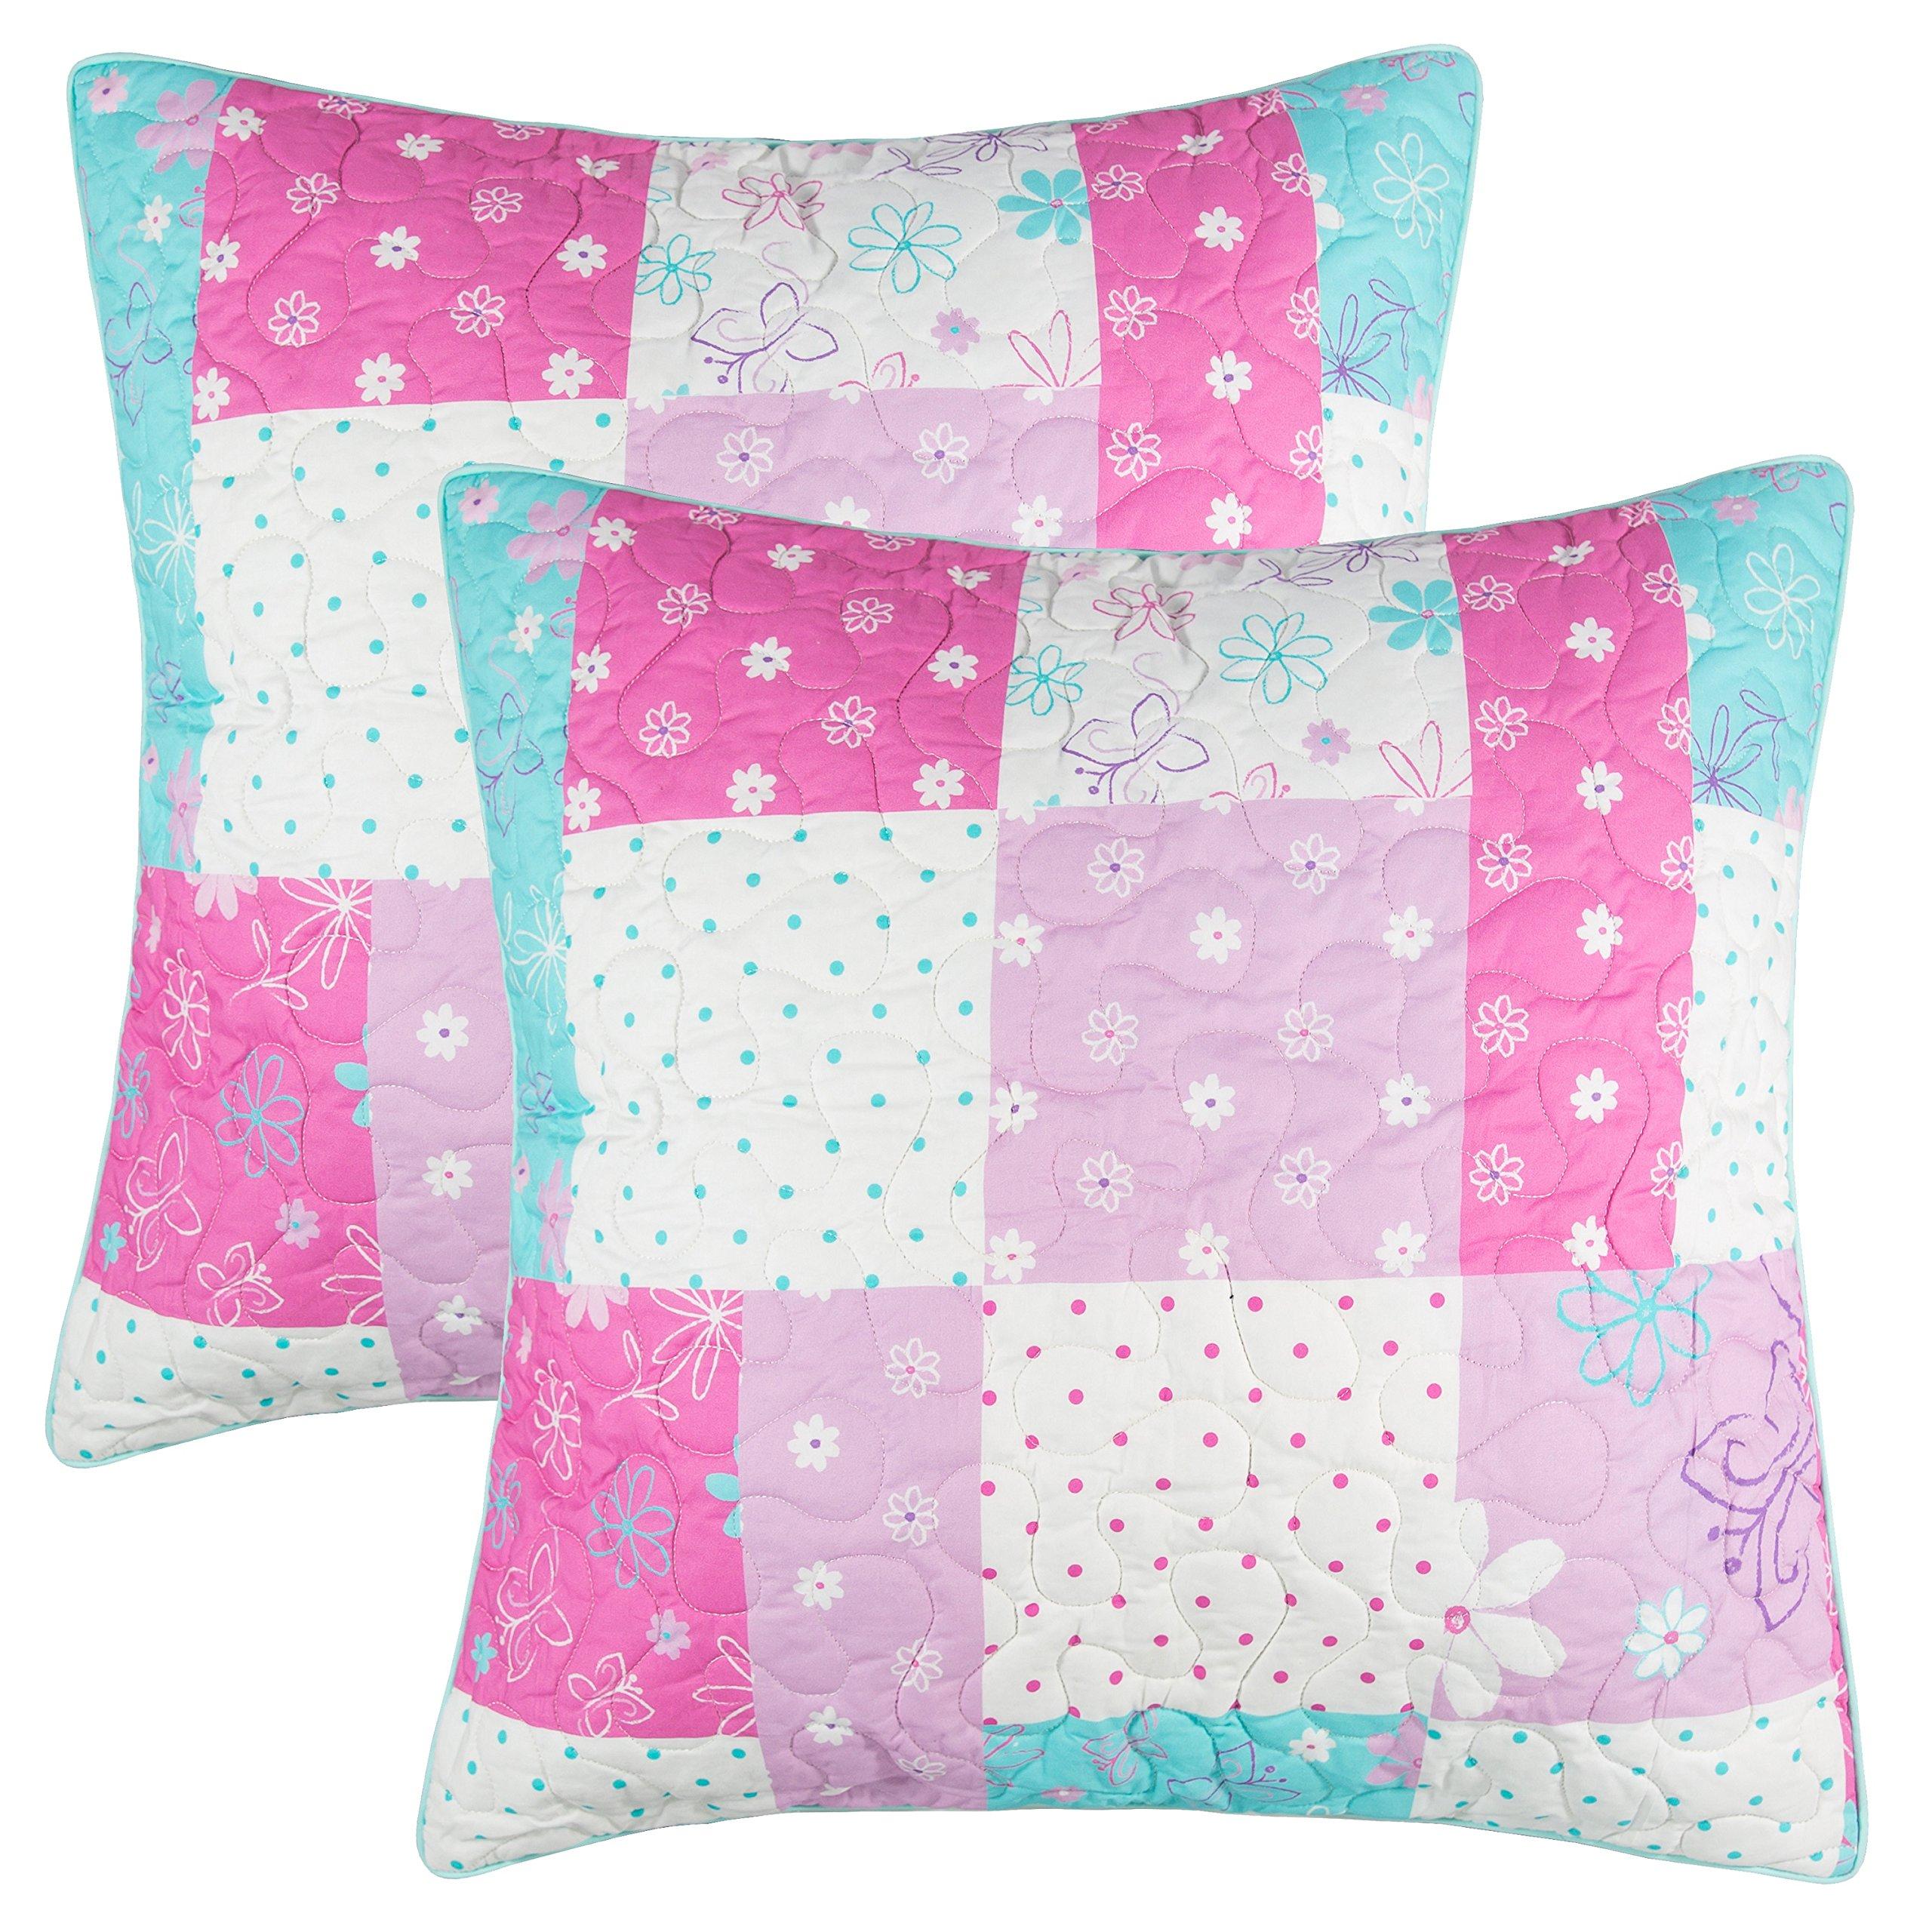 Lullaby Bedding 200EuroBFLY Butterfly Garden Cotton Printed Shams, Euro